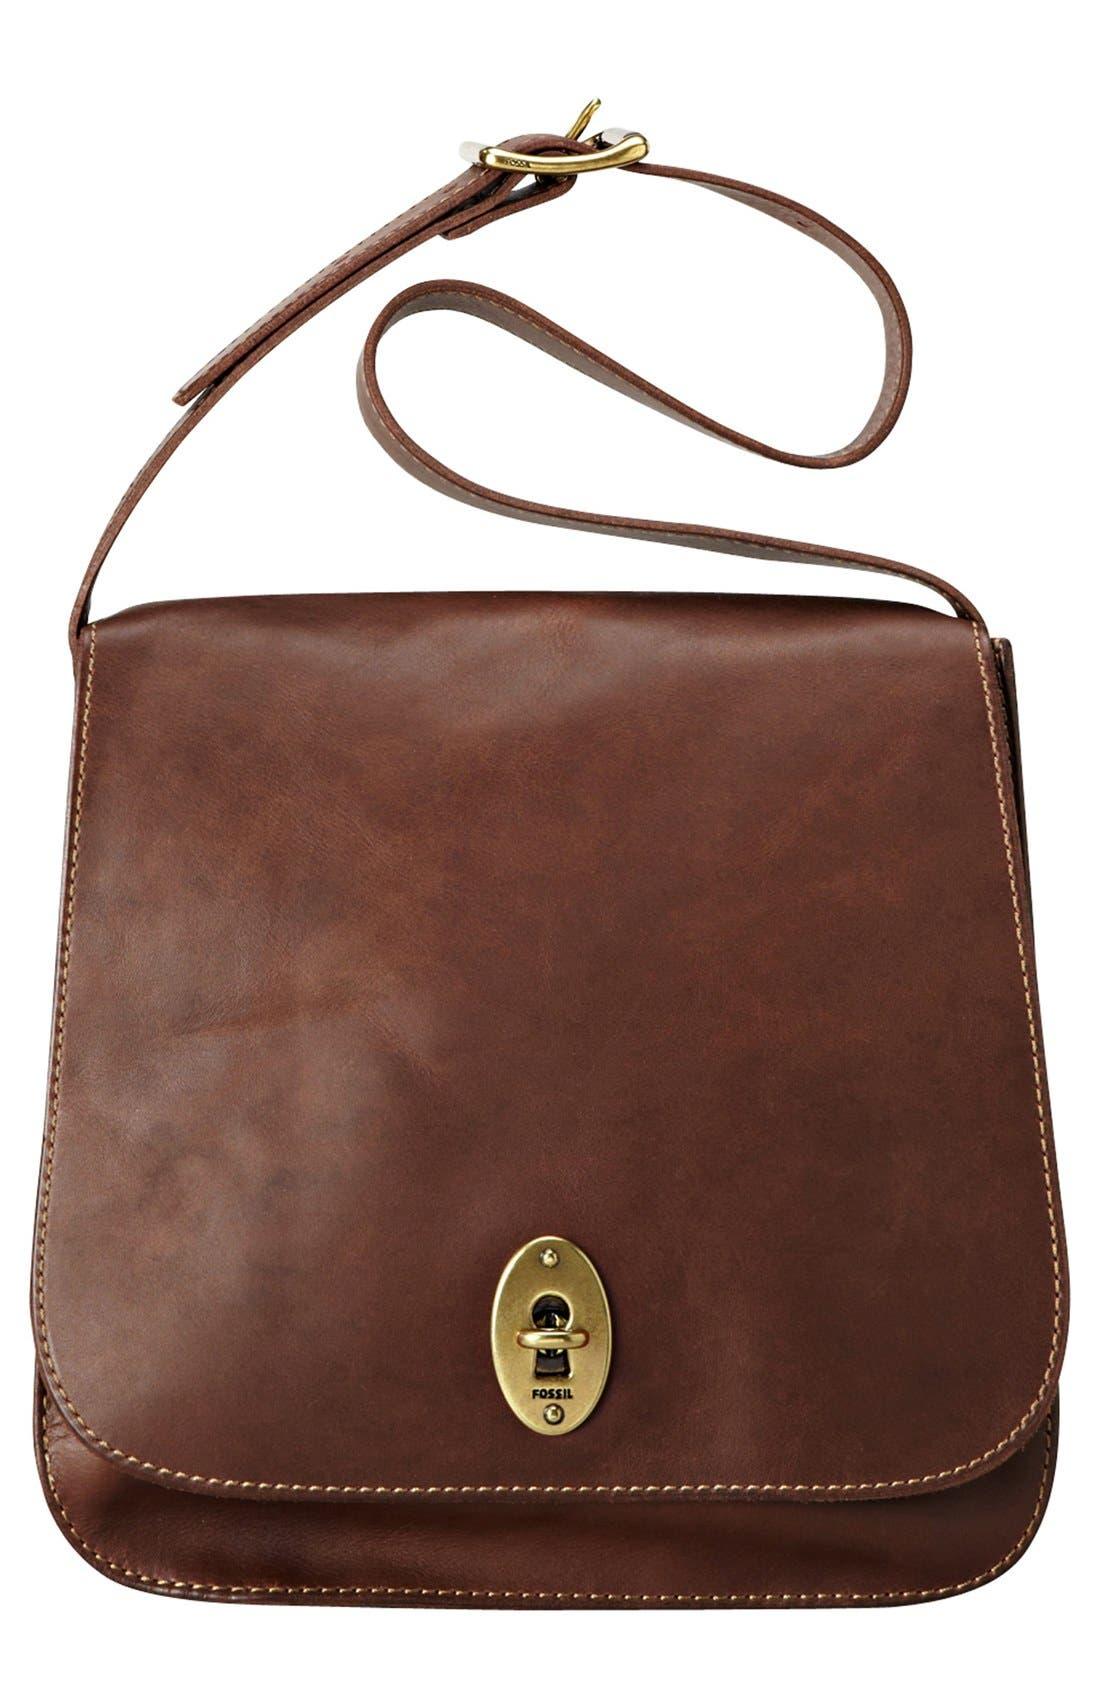 Main Image - Fossil 'Austin' Shoulder Bag